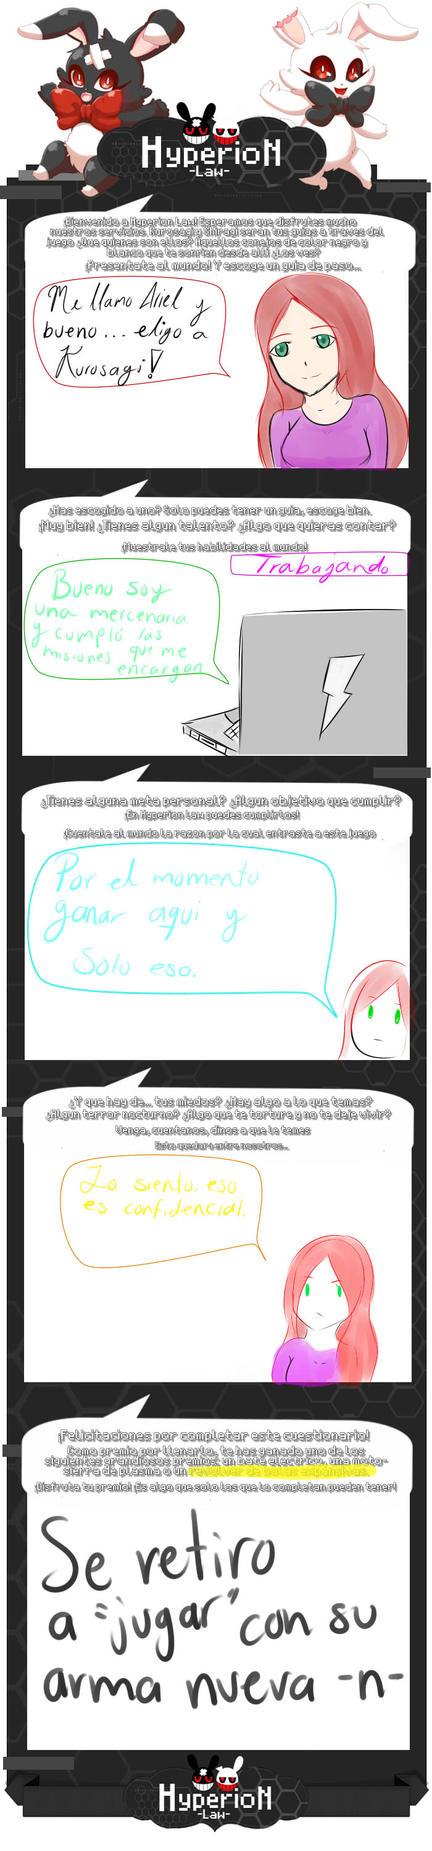 Ariel [hl]- meme de presentacion by andreis98